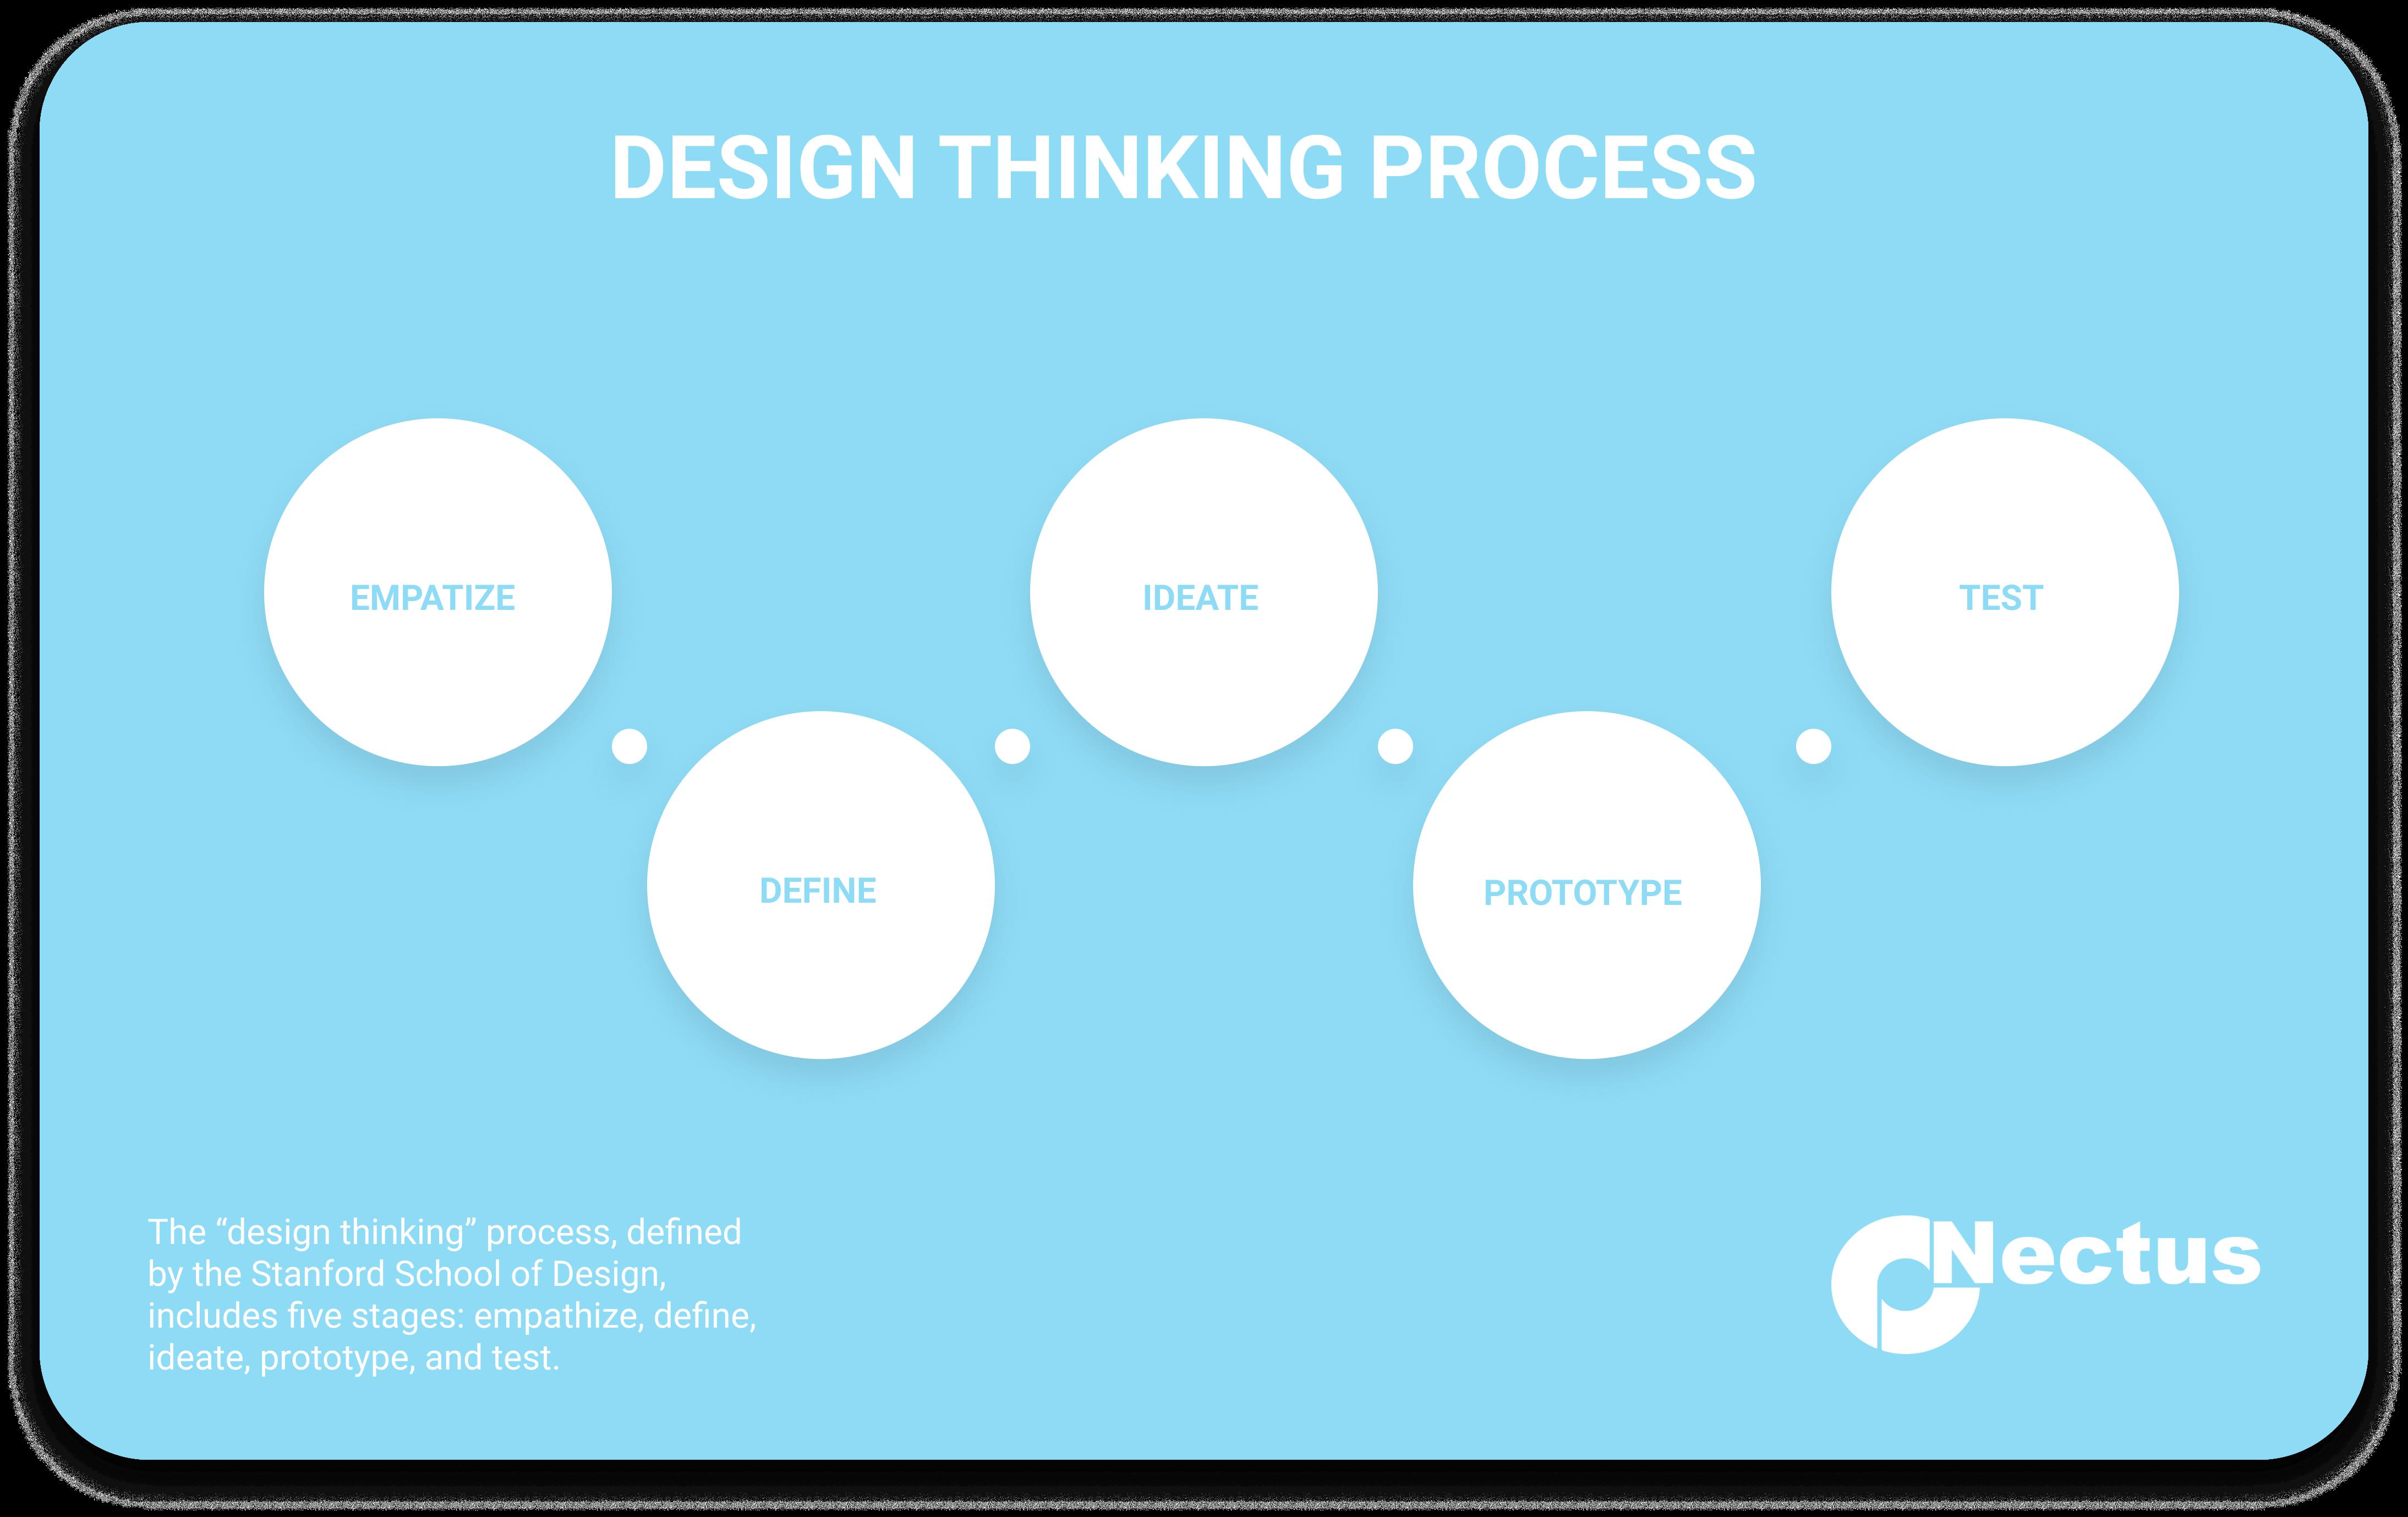 Design system onectus